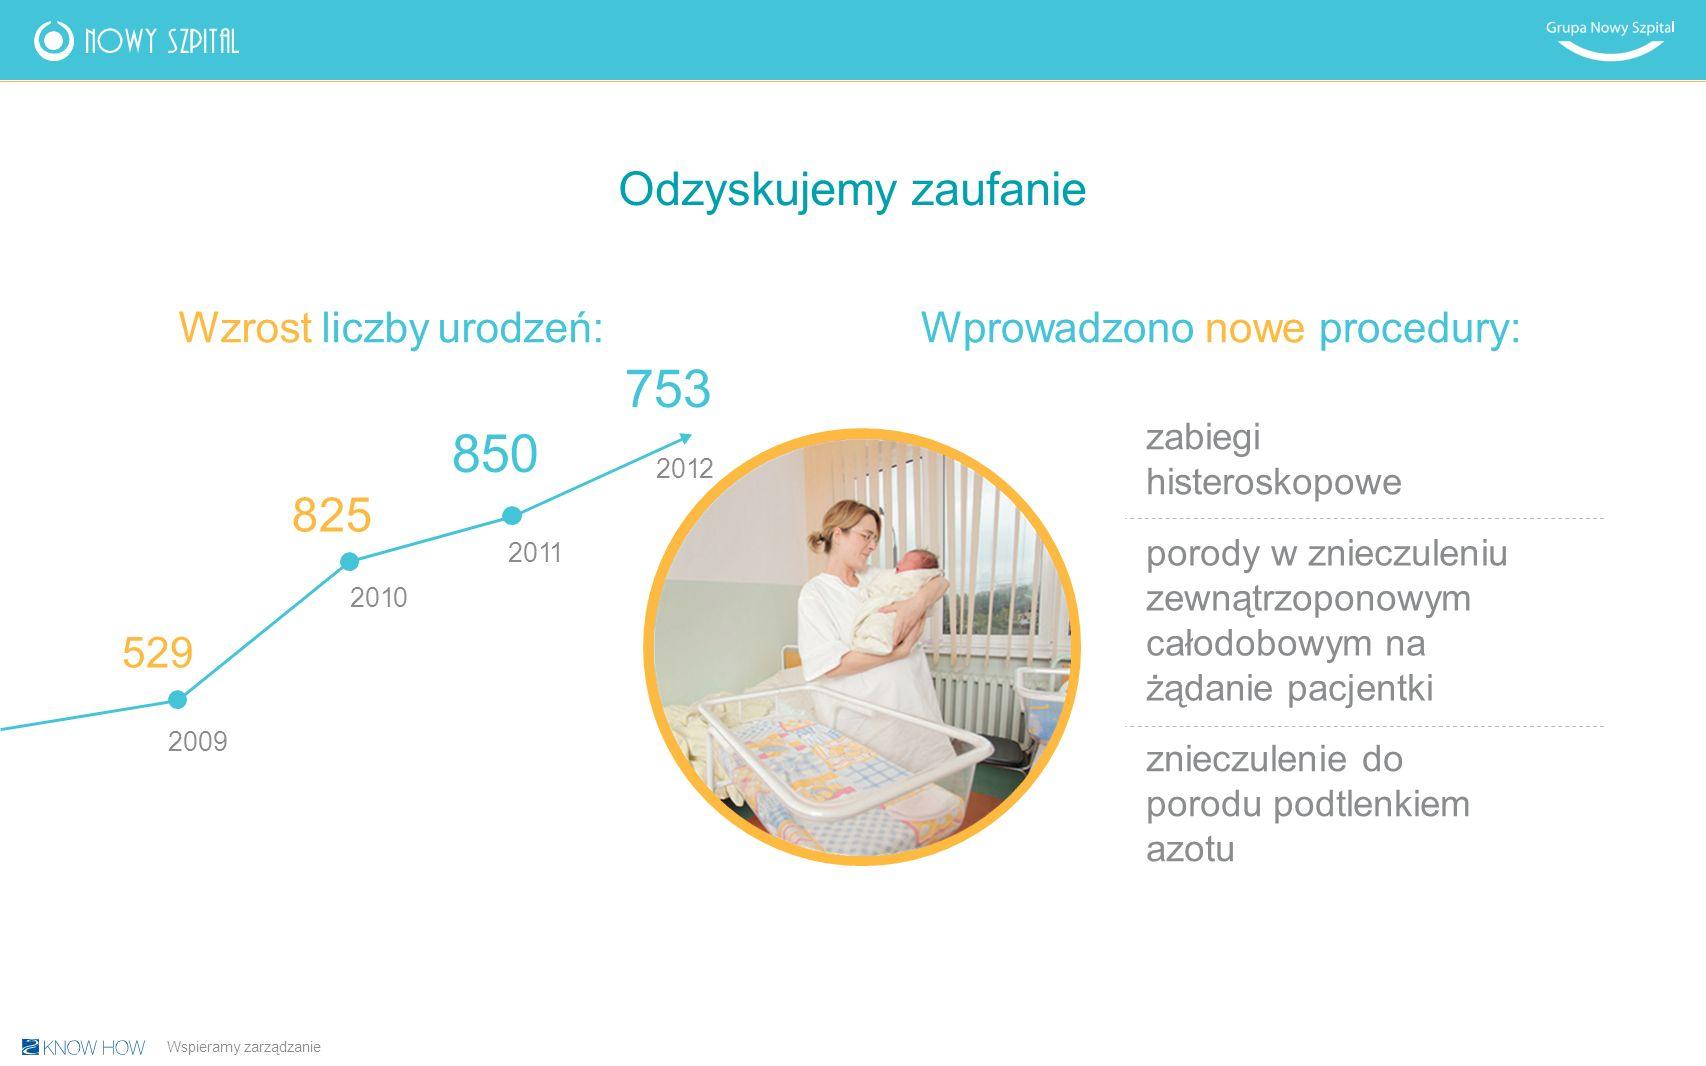 Odzyskujemy zaufanie Wzrost liczby urodzeń: zabiegi histeroskopowe porody w znieczuleniu zewnątrzoponowym całodobowym na żądanie pacjentki znieczulenie do porodu podtlenkiem azotu 2009 825 20112011 529 850 Wprowadzono nowe procedury: Wspieramy zarządzanie 20102010 20122012 753